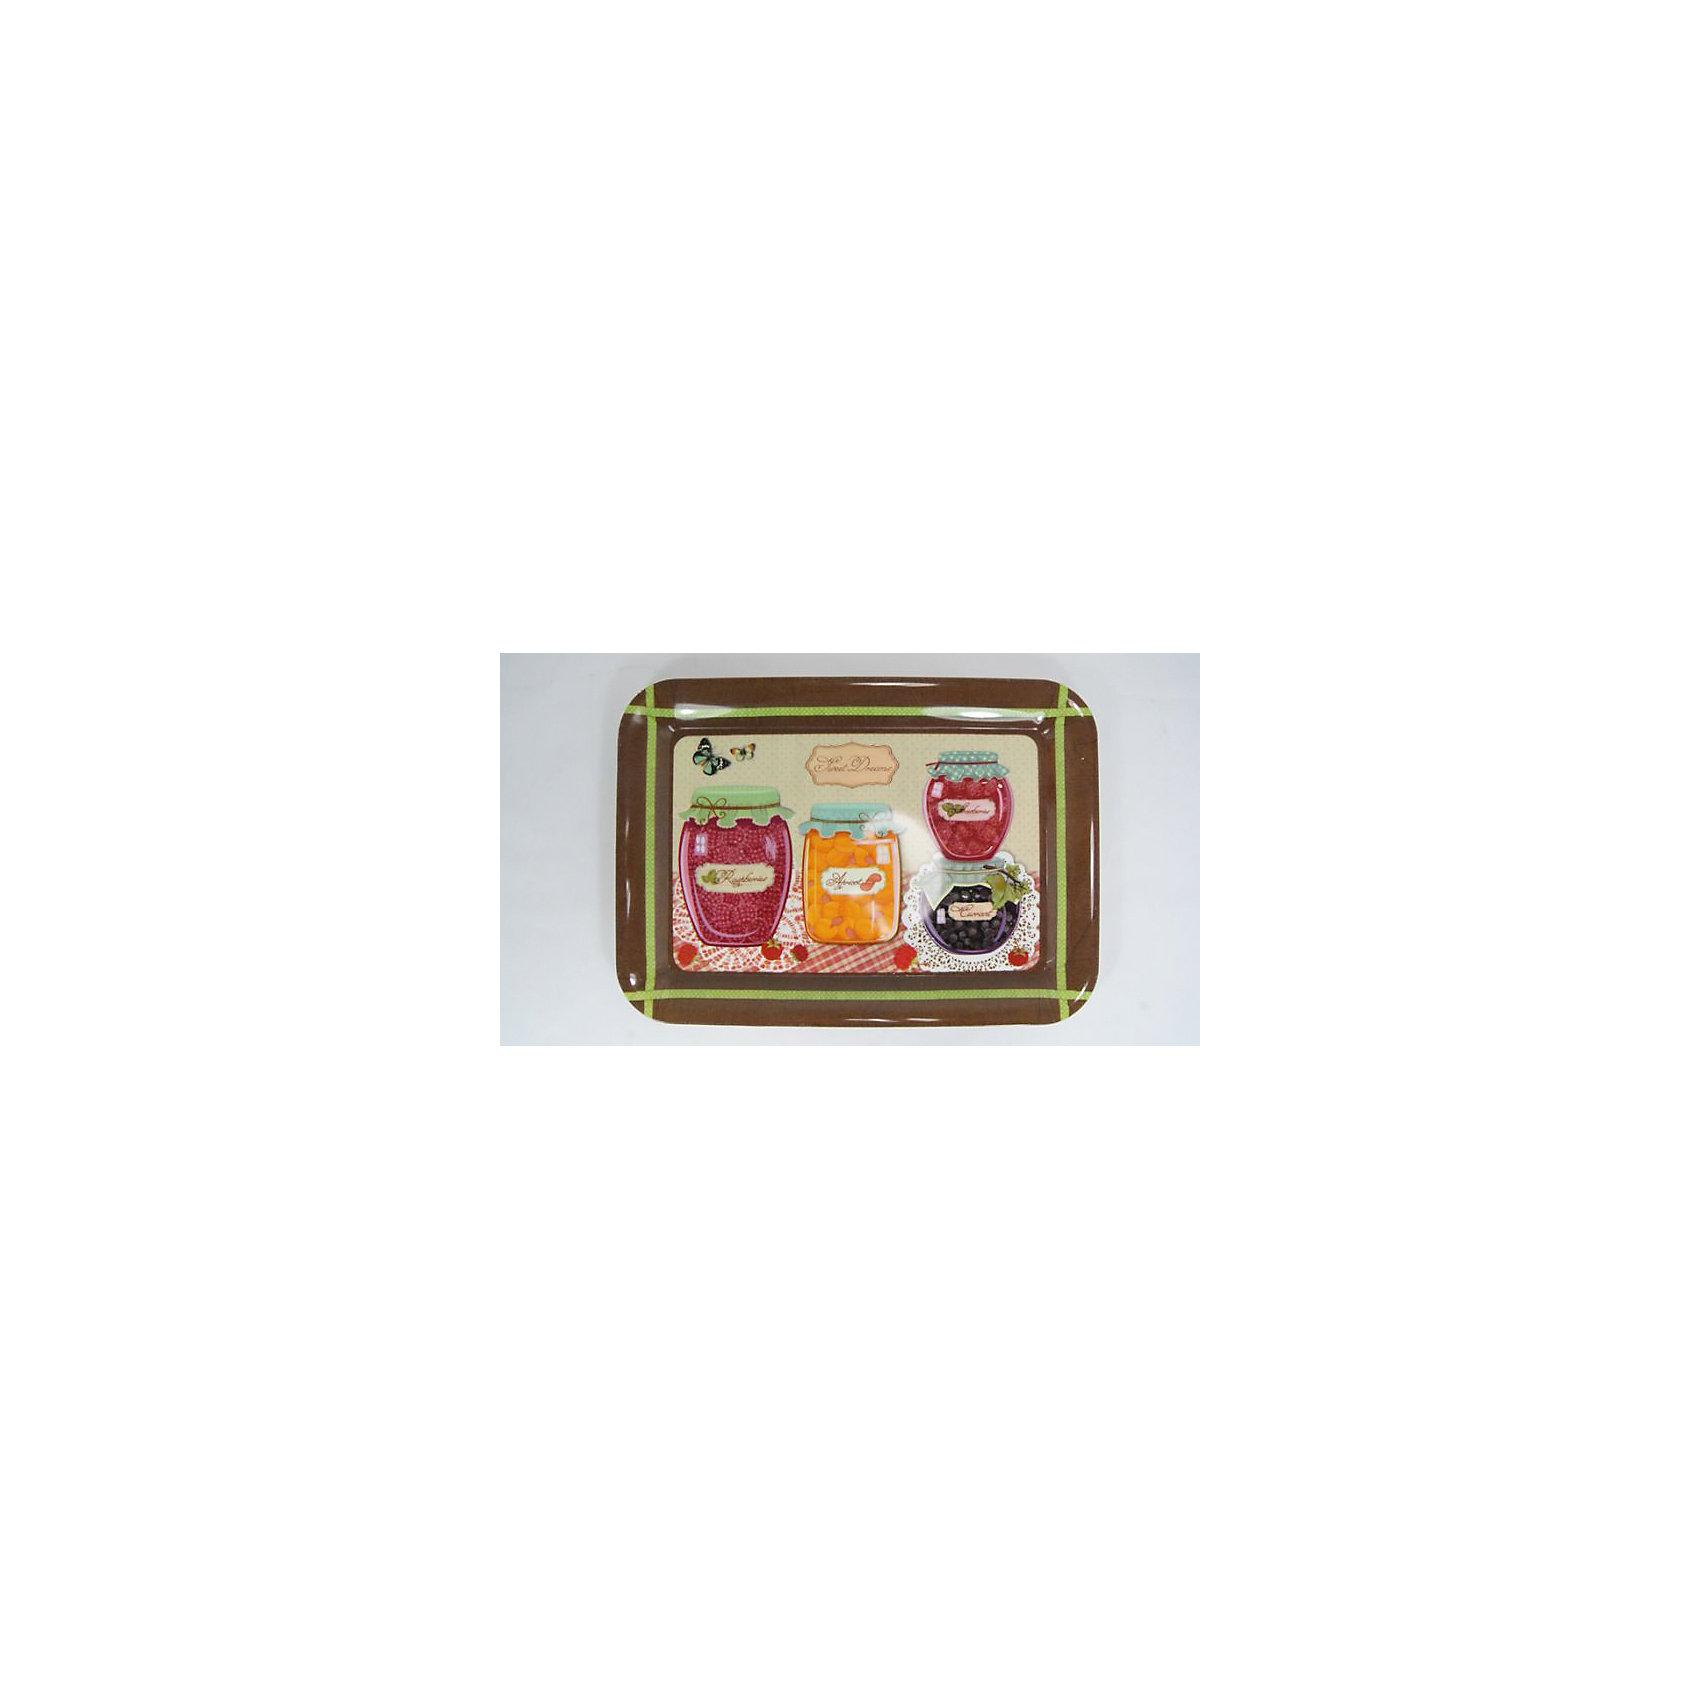 Поднос кухонный  Варенья из полипропилена,Поднос кухонный Варенья, из полипропилена, Феникс-Презент<br><br>Характеристики:<br><br>• завышенные бортики<br>• красочное оформление<br>• изготовлен из полипропилена<br>• размер: 35,5х25,5 см<br><br>Кухонный поднос Варенья изготовлен из качественного полипропилена. Поднос отлично подойдет для сервировки стола и украшения интерьера. Завышенные бортики подноса очень удобны для переноски. Дно оформлено красивым рисунком с изображением баночек с вкусным вареньем. Размер подноса - 35,5х25,5 сантиметров.<br><br>Поднос кухонный Варенья, из полипропилена, Феникс-Презент вы можете купить в нашем интернет-магазине.<br><br>Ширина мм: 360<br>Глубина мм: 260<br>Высота мм: 200<br>Вес г: 248<br>Возраст от месяцев: 36<br>Возраст до месяцев: 2147483647<br>Пол: Унисекс<br>Возраст: Детский<br>SKU: 5449521